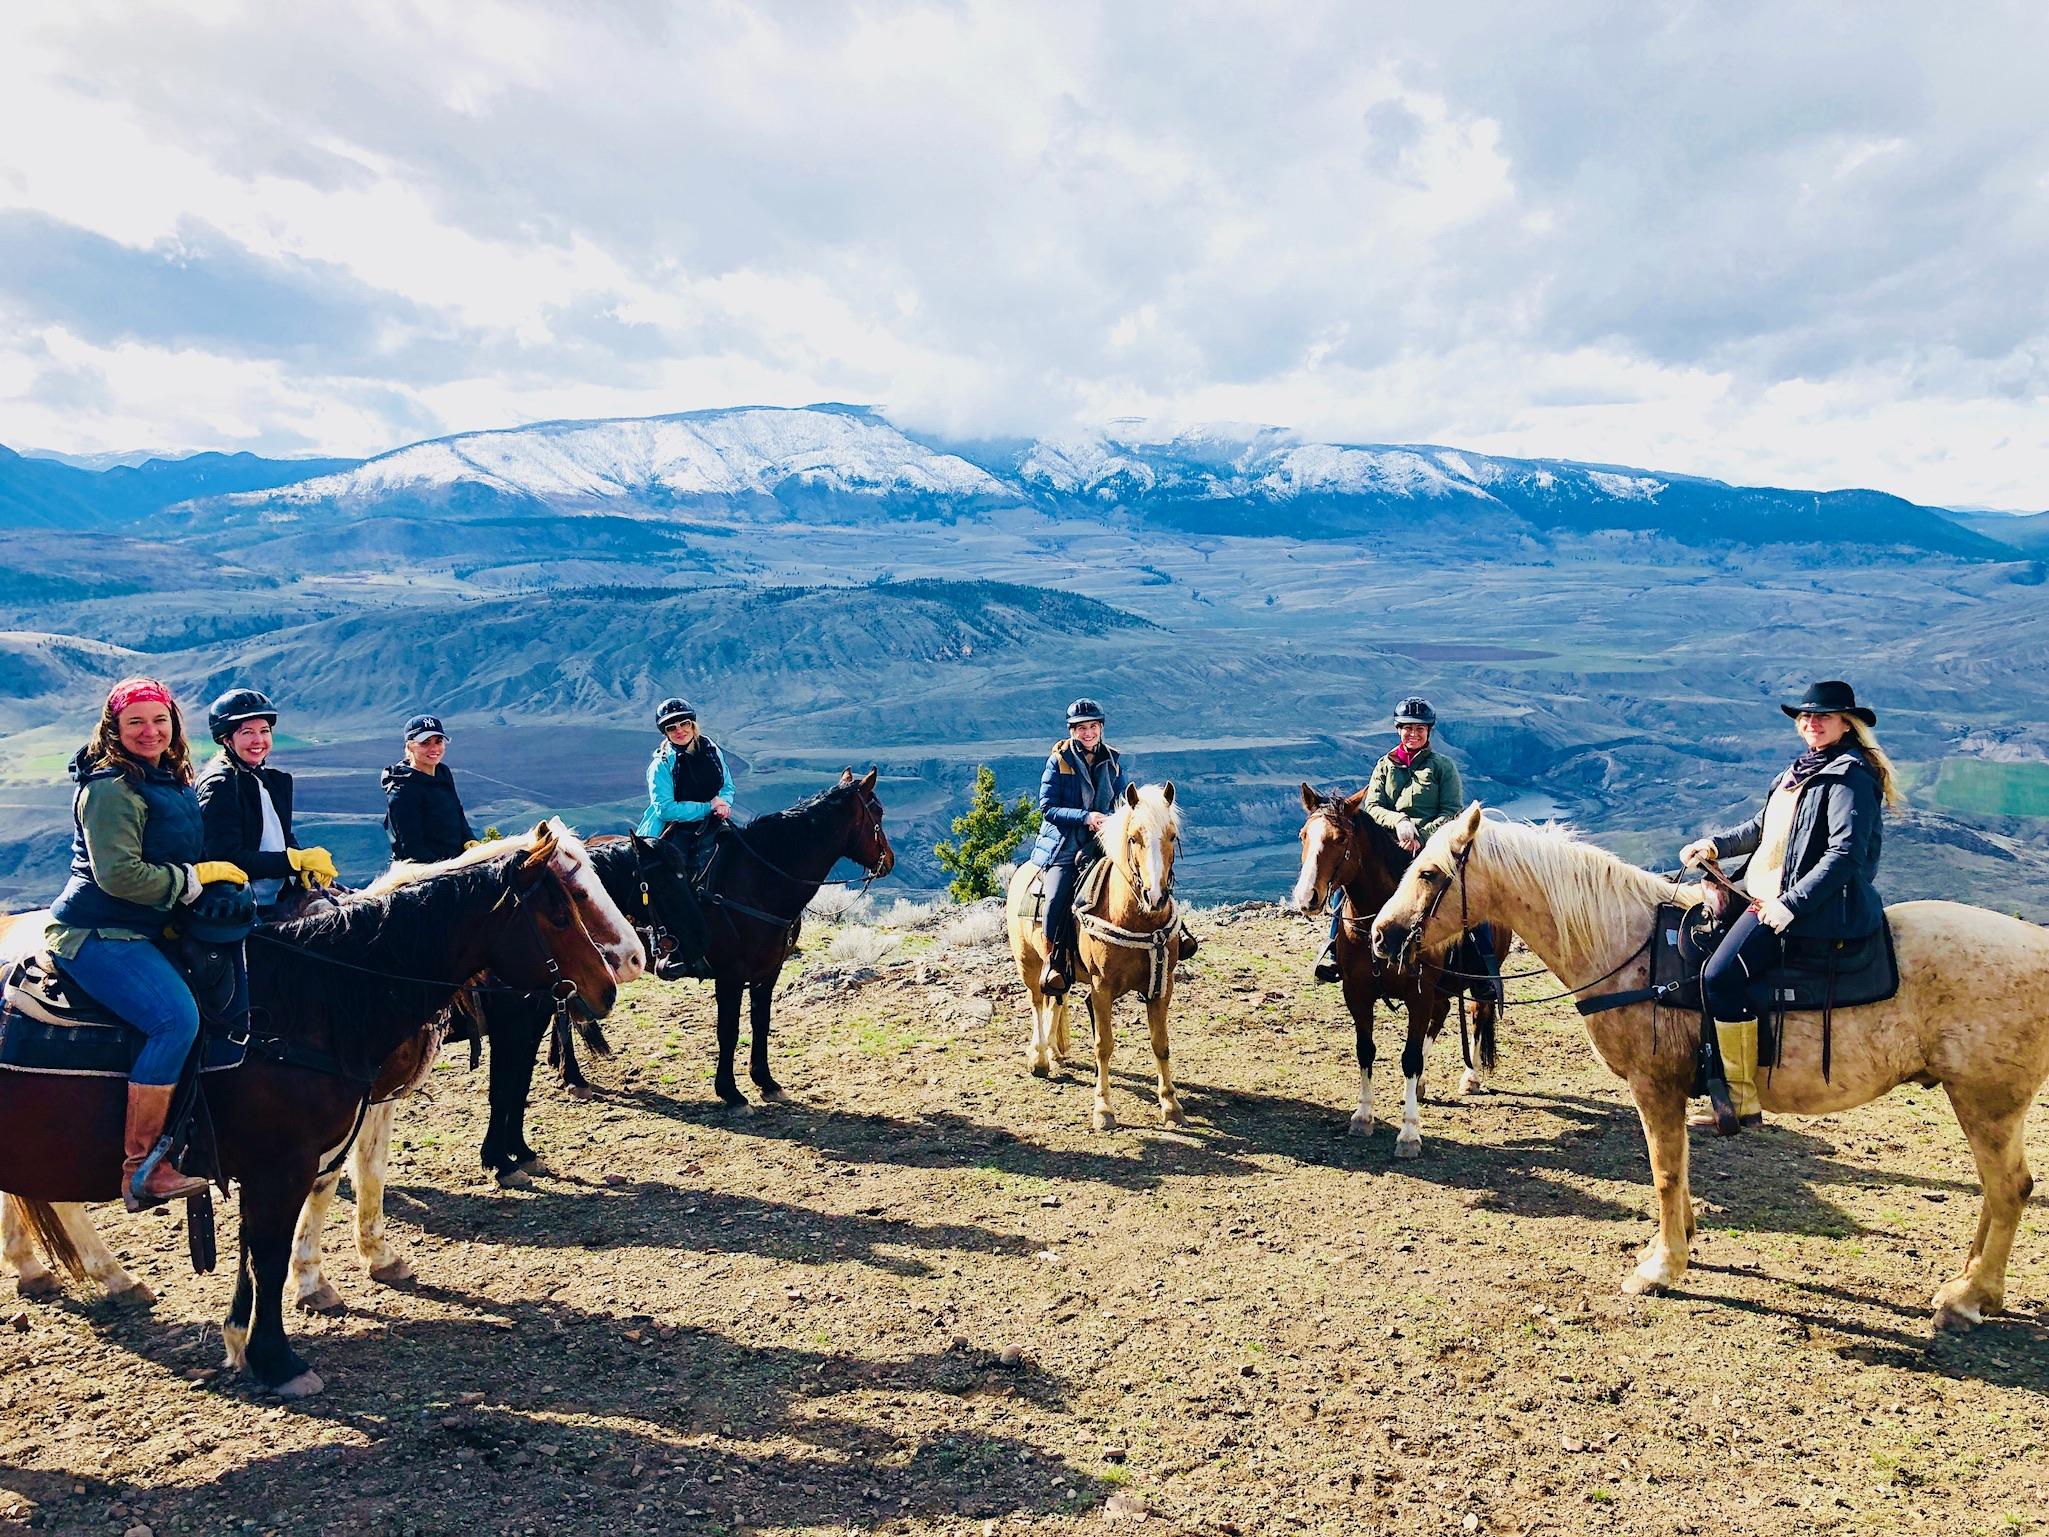 Ashcroft BC Sundance Ranch Spiritual Retreat